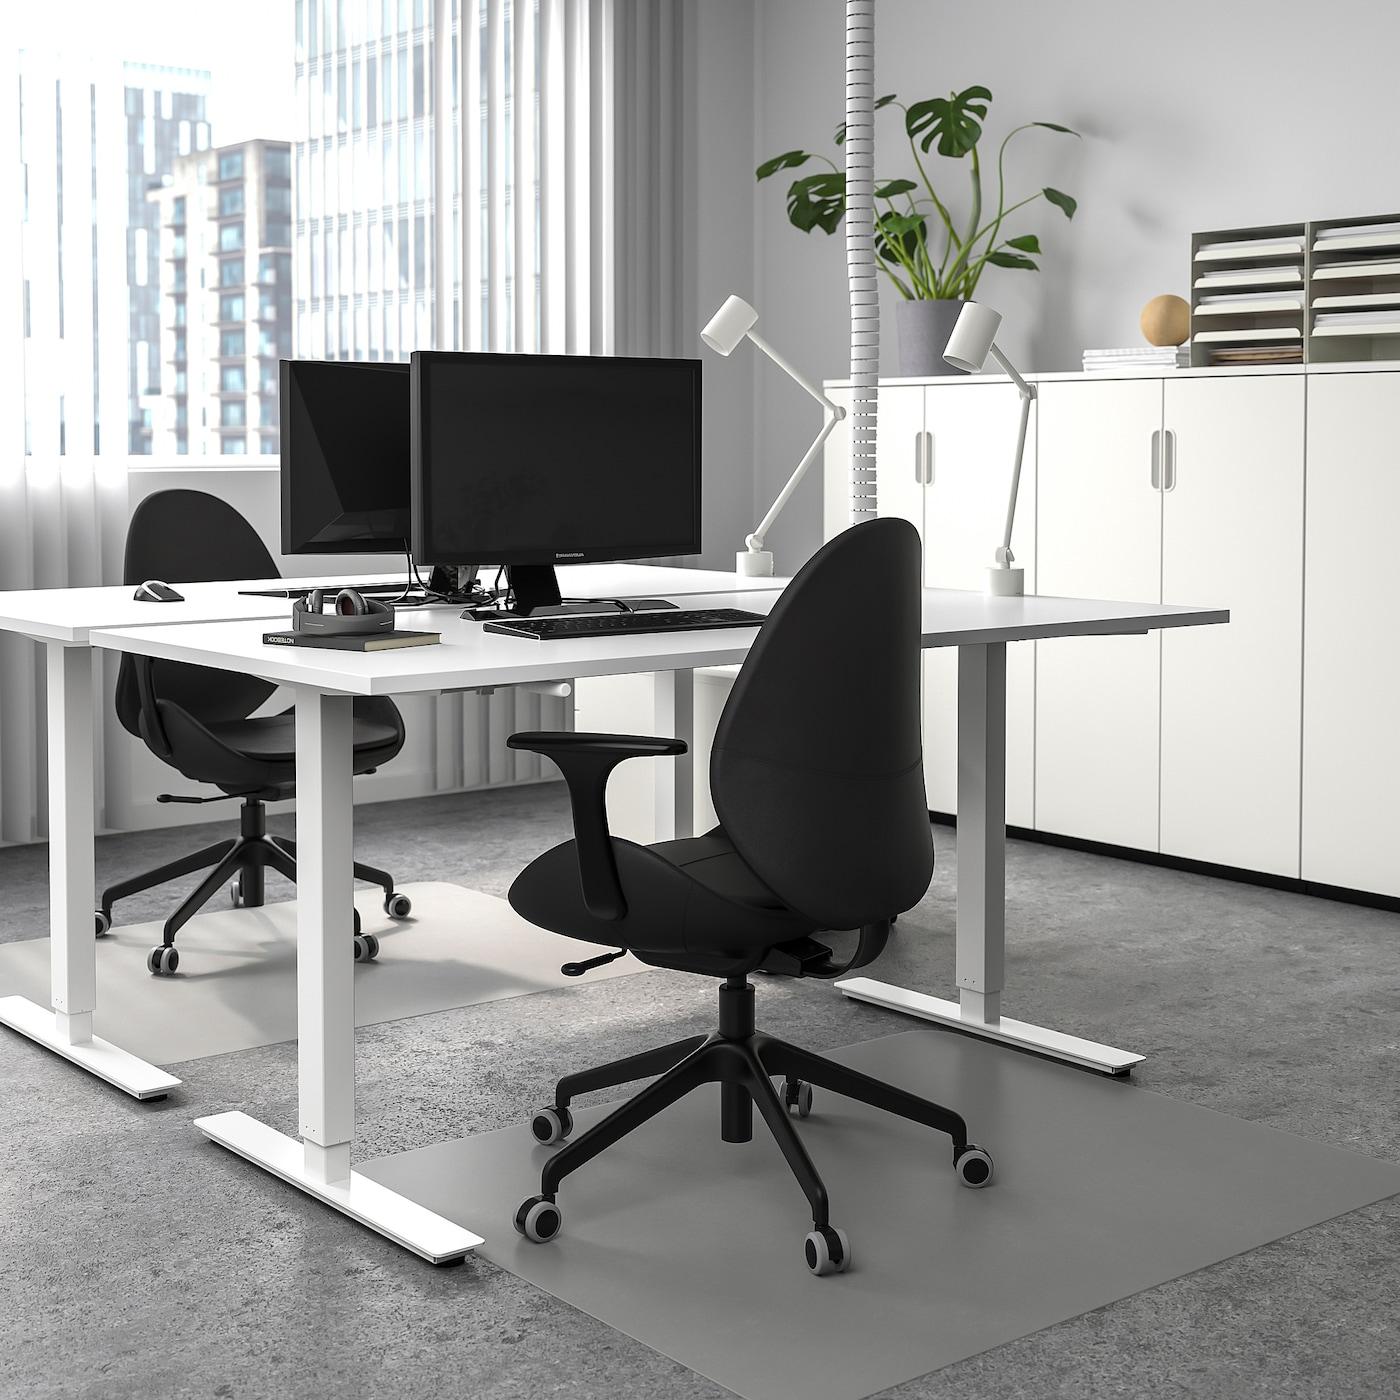 SKARSTA Desk sit/stand - white 38x38 cm